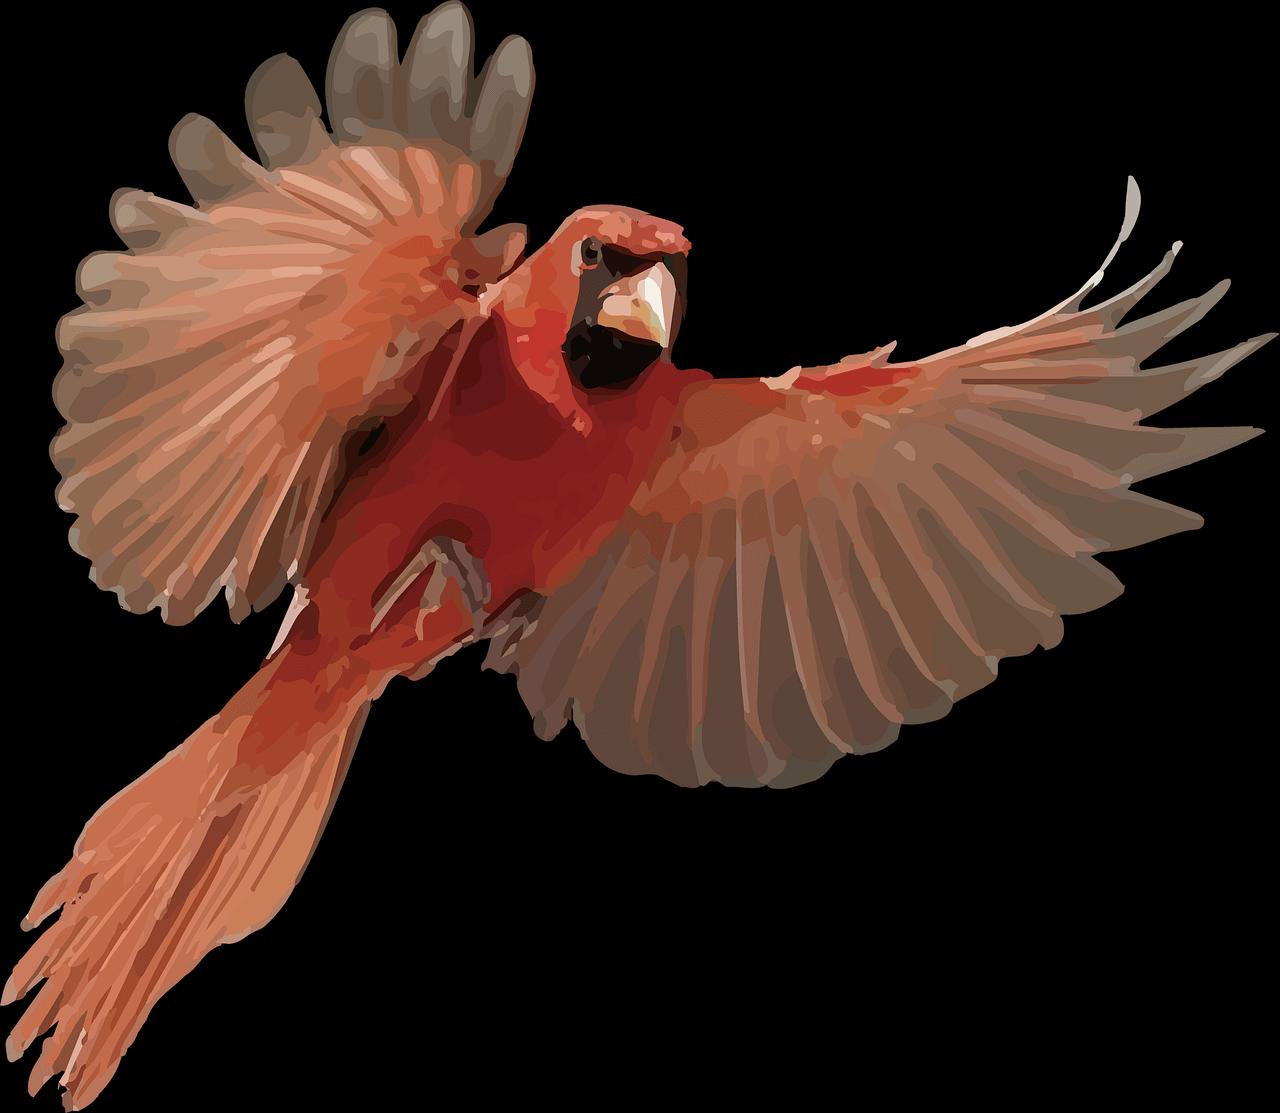 Cardinal Bird Free Image On Pixabay Png